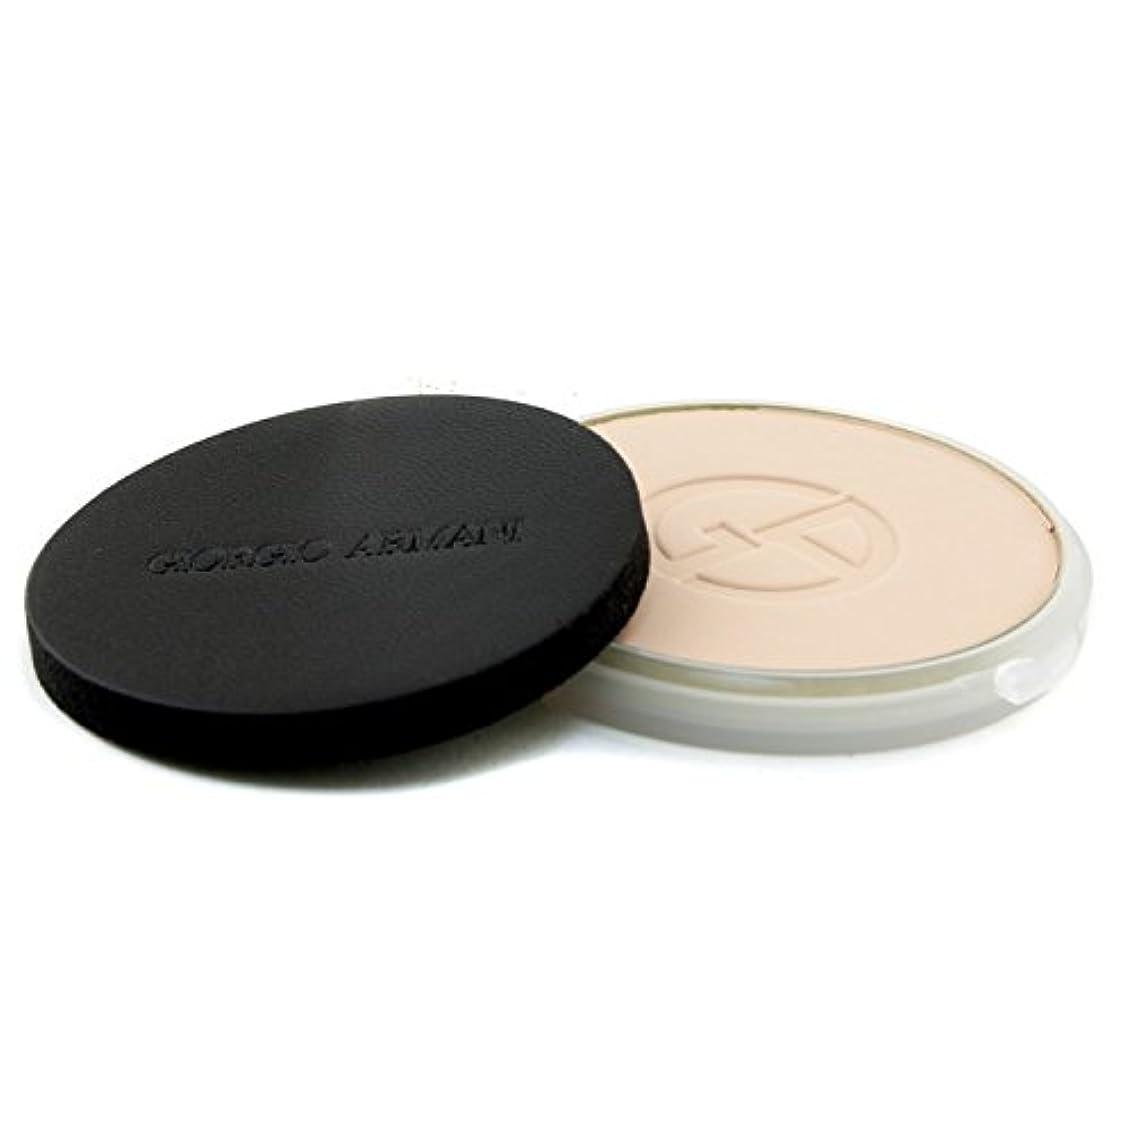 神聖権限穴ジョルジオアルマーニ Lasting Silk UV Compact Foundation SPF 34 (Refill) - # 3 (Light Sand) 9g/0.3oz並行輸入品